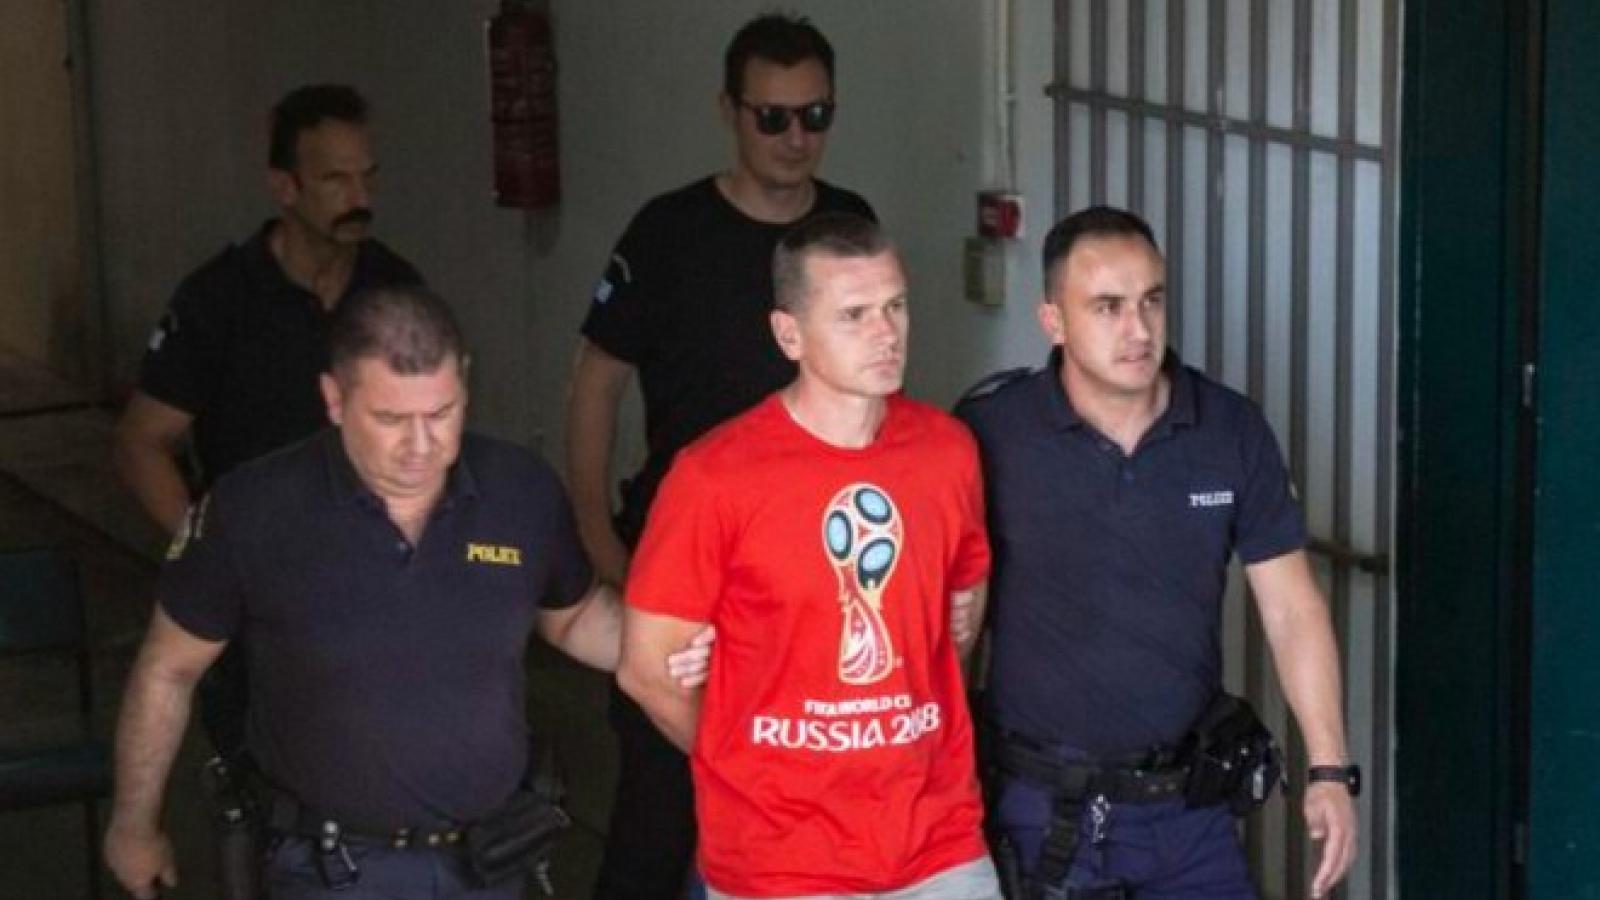 Nhà sáng lập sàn giao dịch Bitcoin bị kết án 5 năm tù vì tội rửa tiền